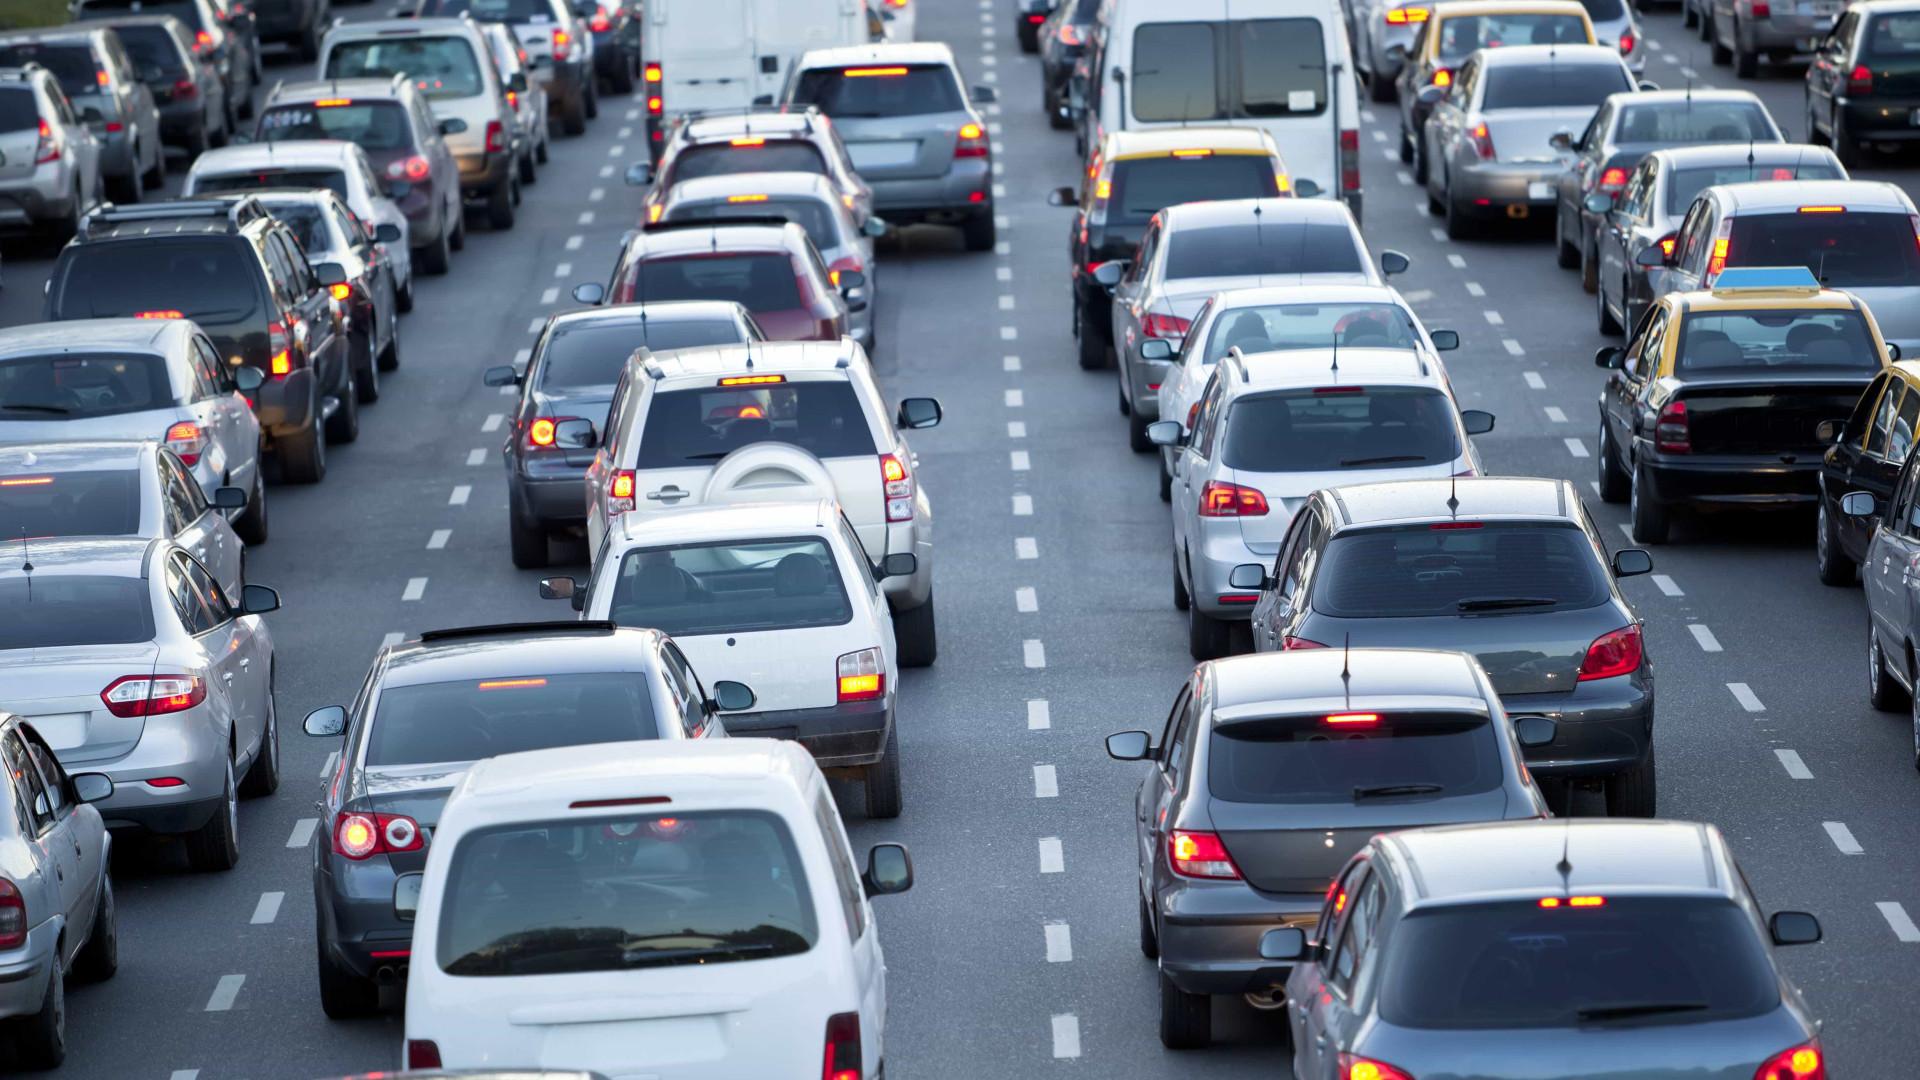 Rodovias paulistas têm trânsito intenso neste feriado